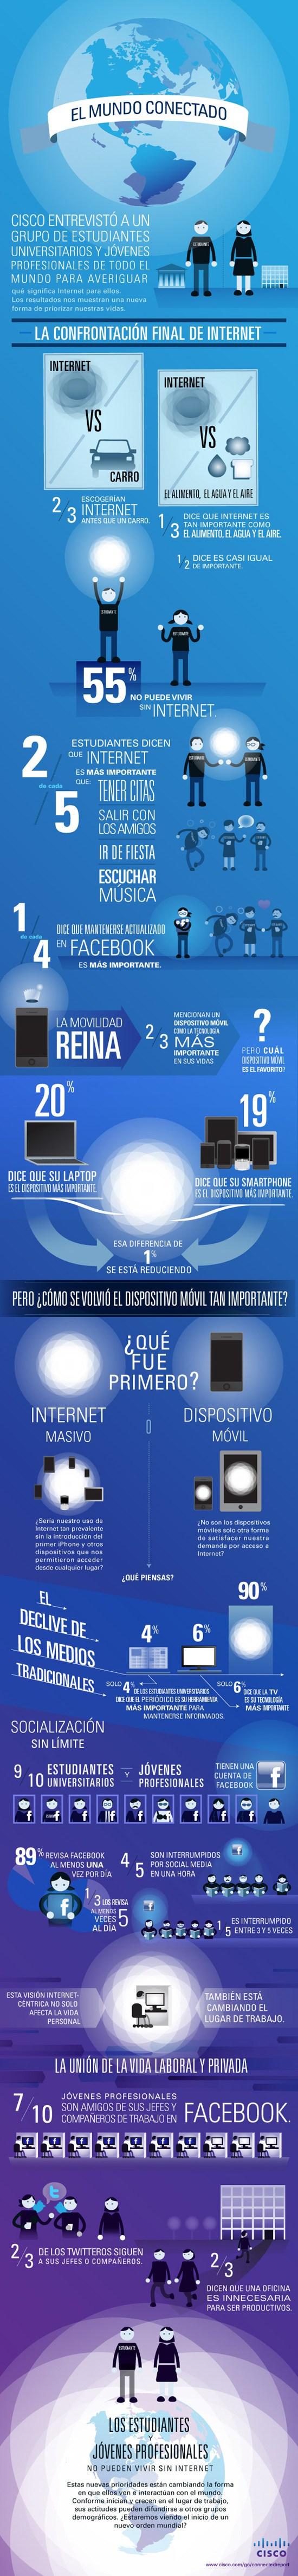 Infografia sobre Internet  (2)